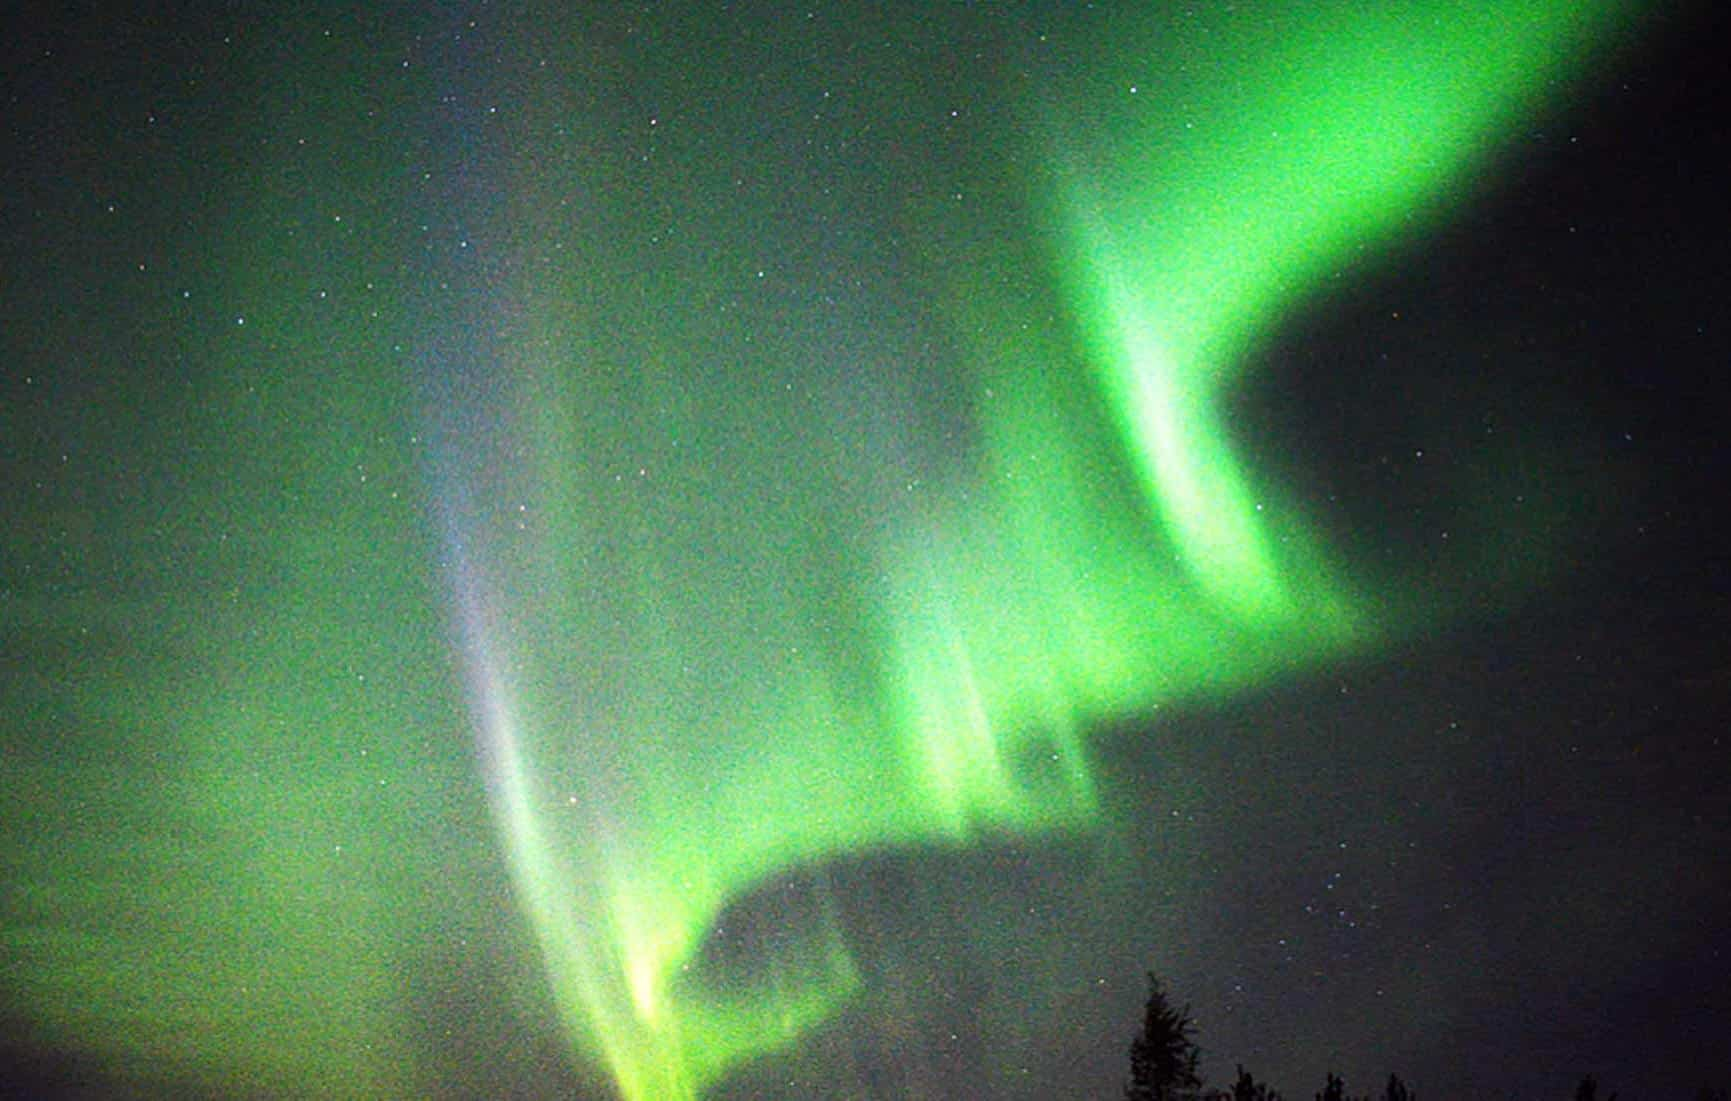 Canal reúne webcams com belas imagens da natureza